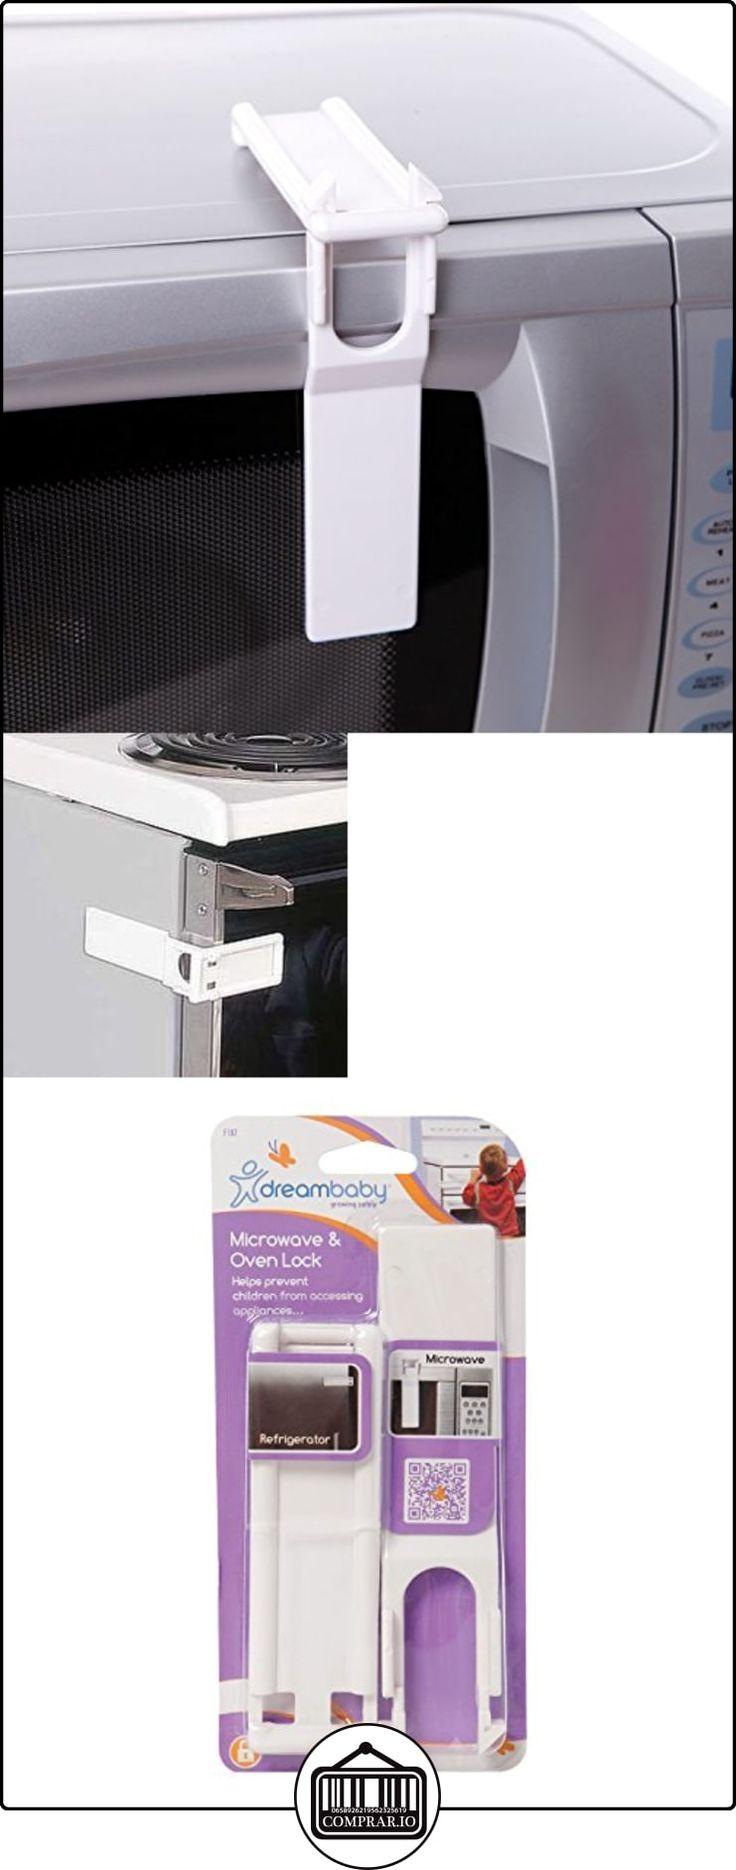 Bloqueo de horno microondas soporte de bloqueo Frigorífico Lock resistente al calor niño bebé con dispositivo de bloqueo cierre autoadhesivo cerradura para puerta de cocina demantia Eldery Lock)  ✿ Seguridad para tu bebé - (Protege a tus hijos) ✿ ▬► Ver oferta: http://comprar.io/goto/B01NBBS4YS